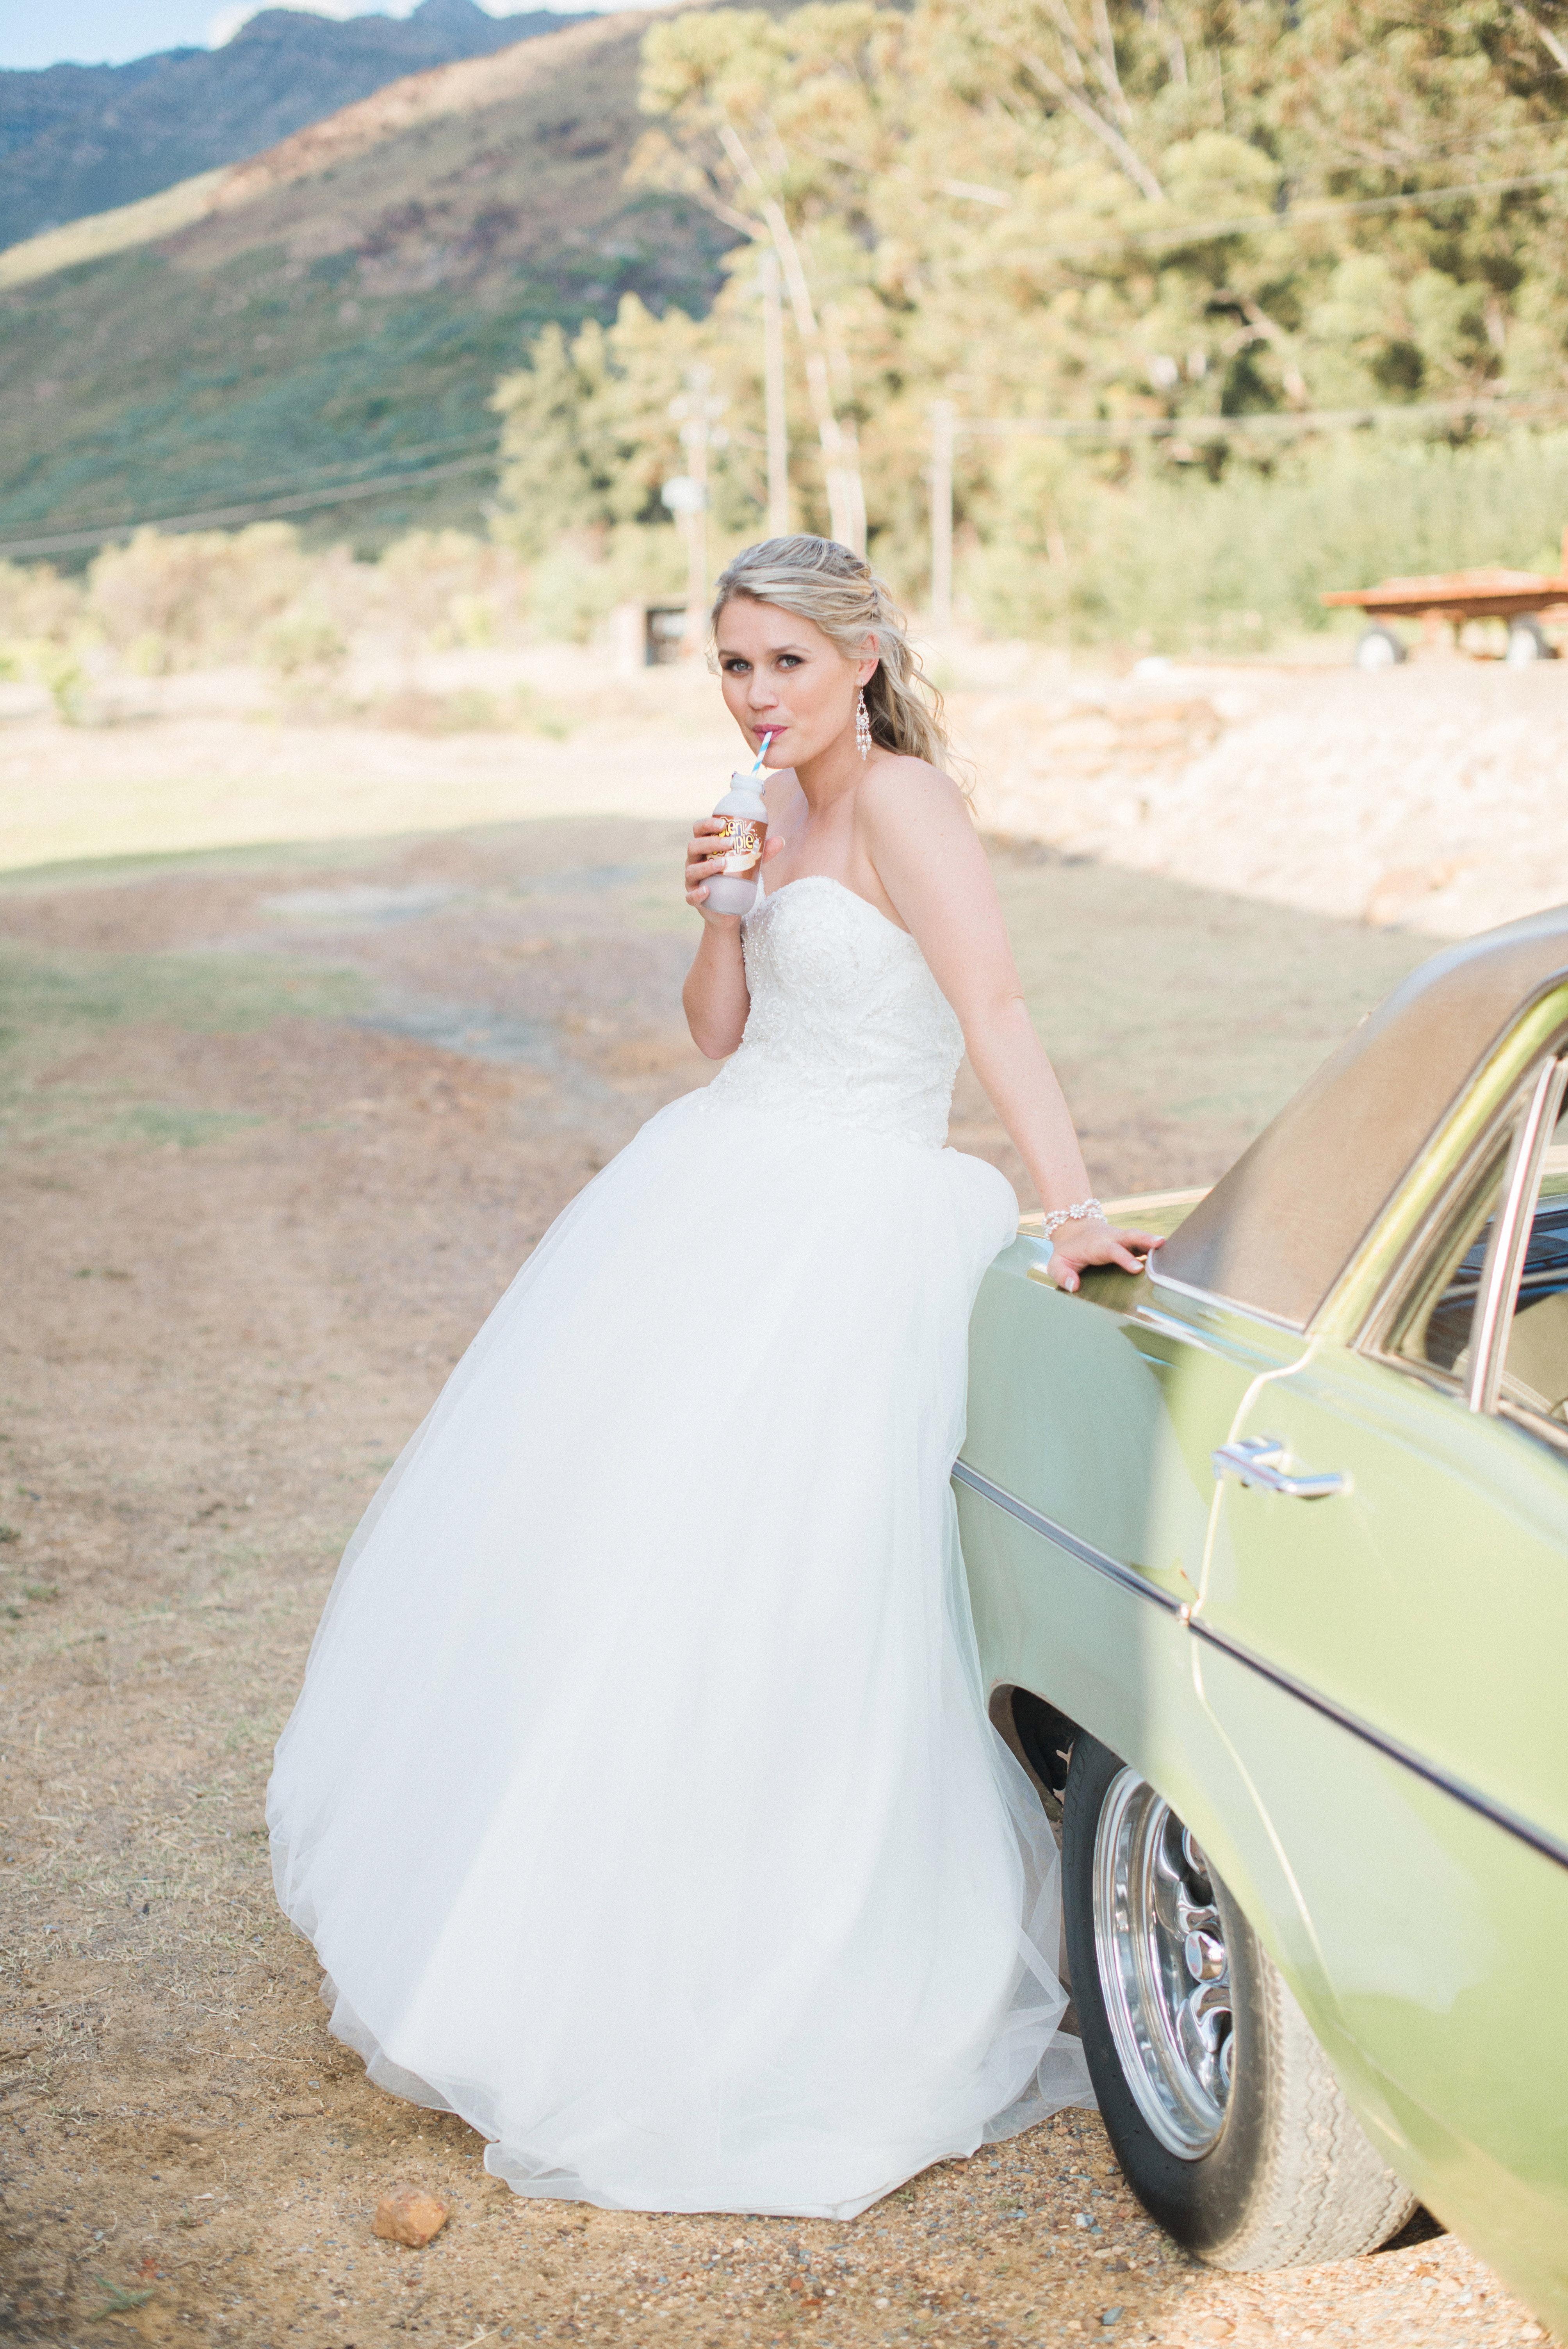 Großzügig Brautkleider Für Die Braut Und Bräutigam Fotos ...